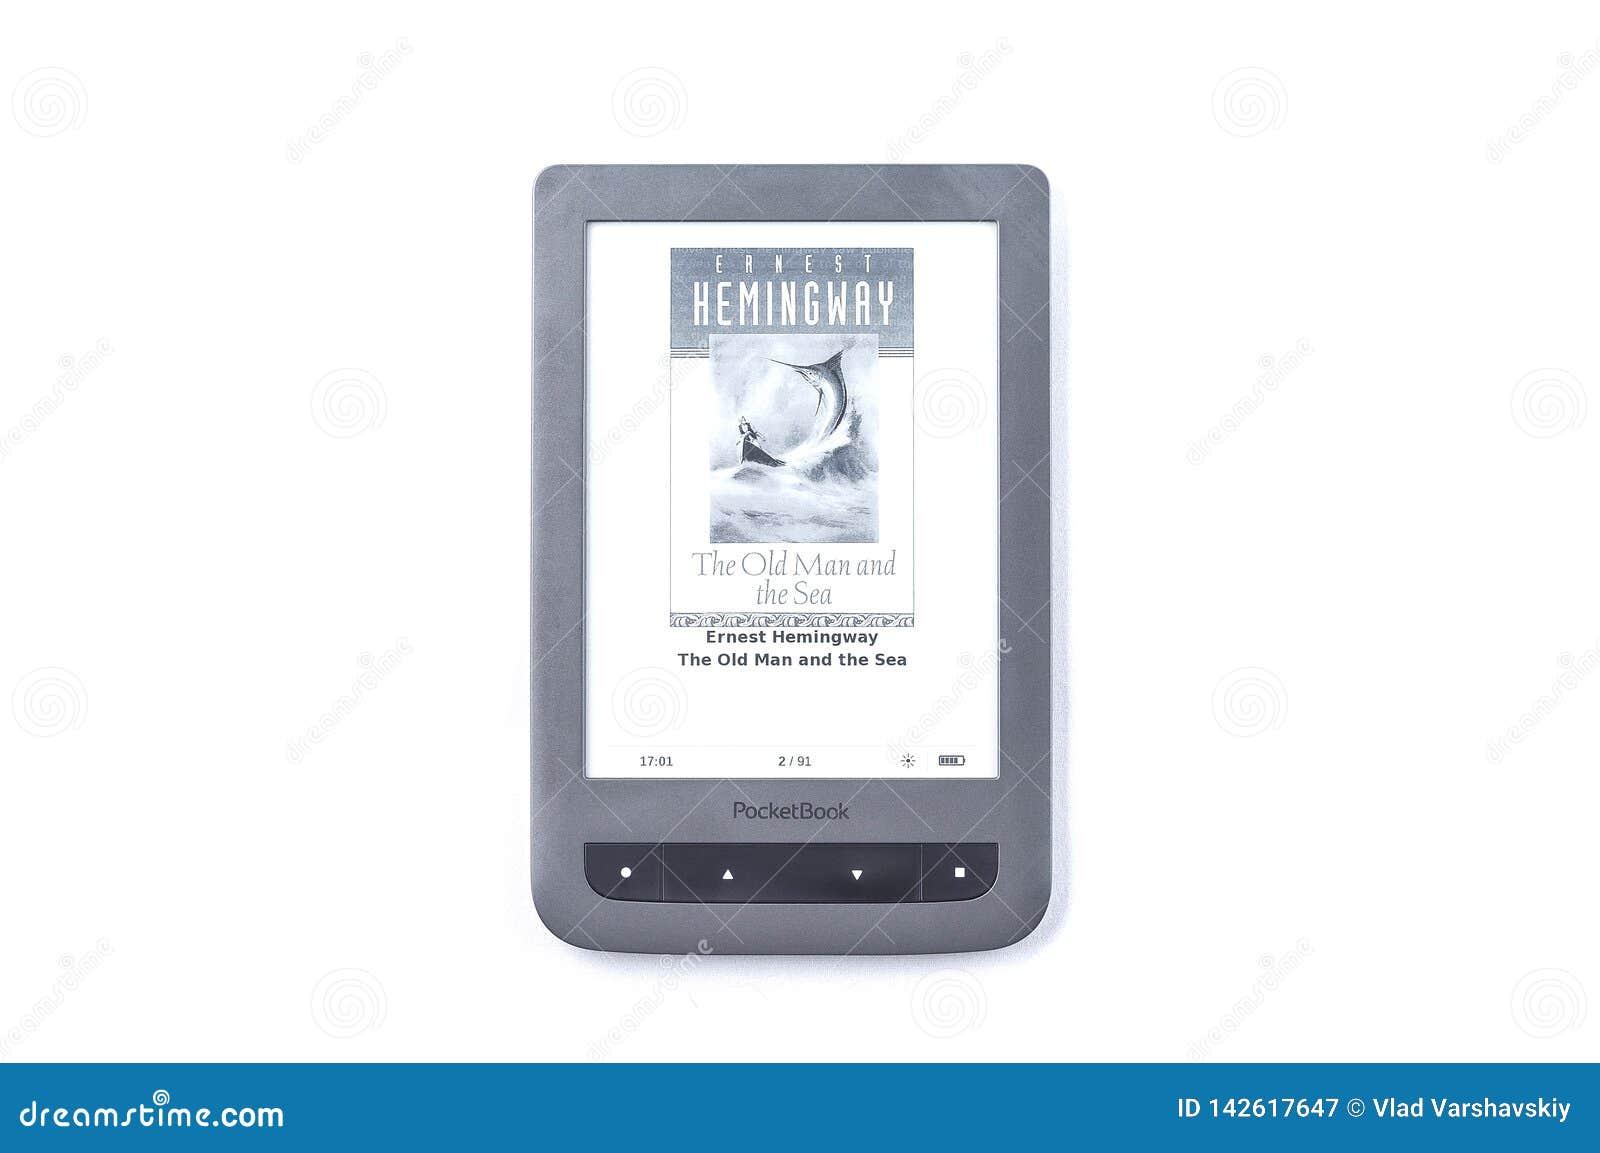 Kiev, Ucrania - 27 de febrero de 2019: hombre del libro de Ernest Hemingway viejo y el mar en un eBook gris en un aislante blanco